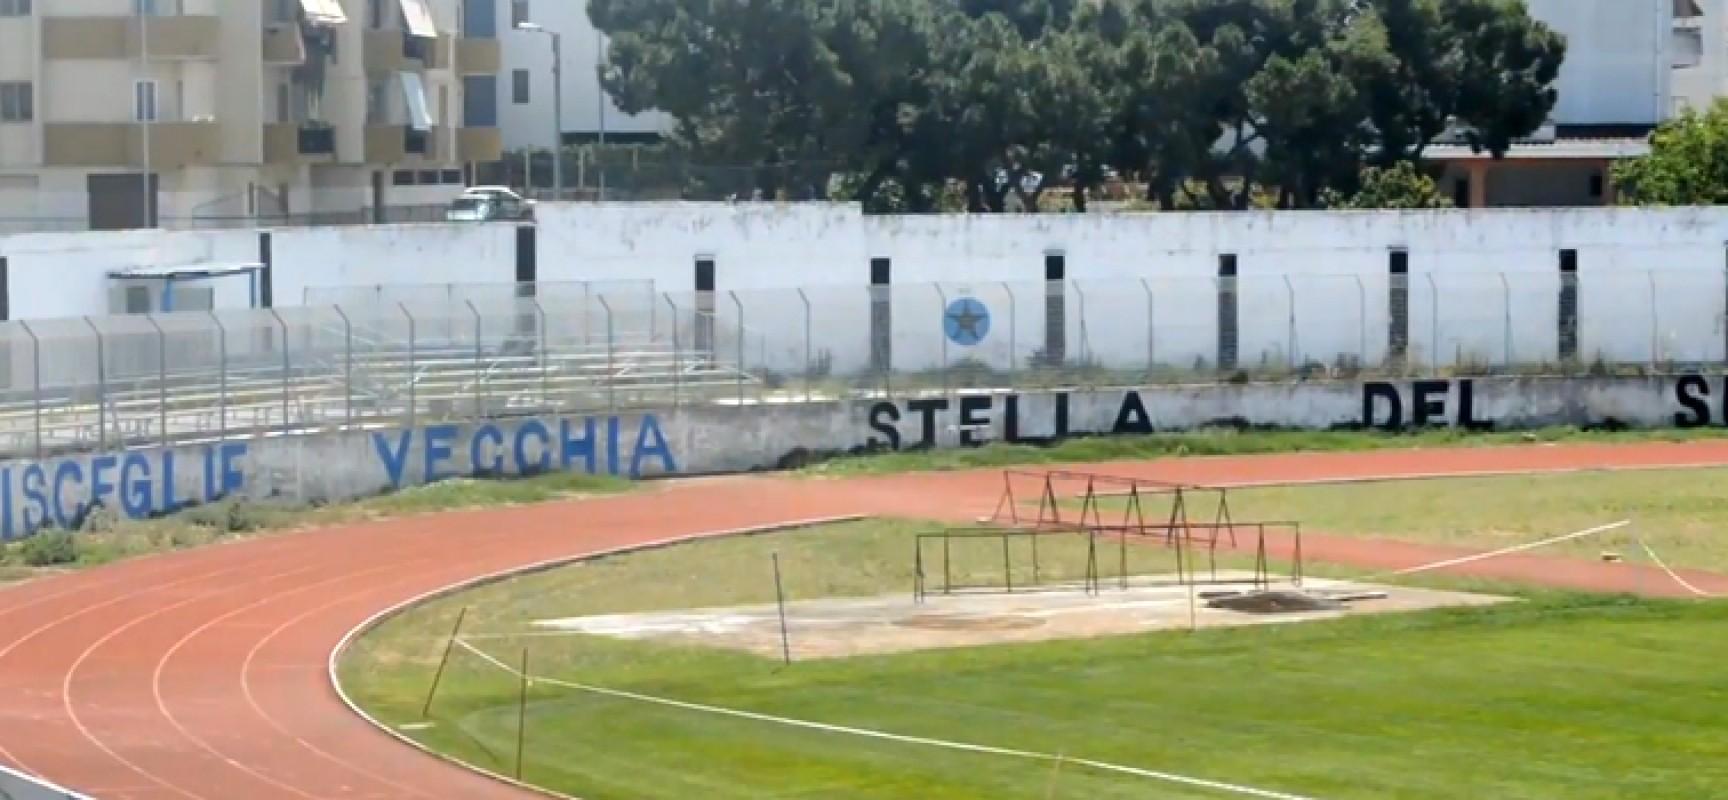 Bisceglie Calcio, Canonico si aspettava garanzie dall'incontro di ieri. Domani la svolta?